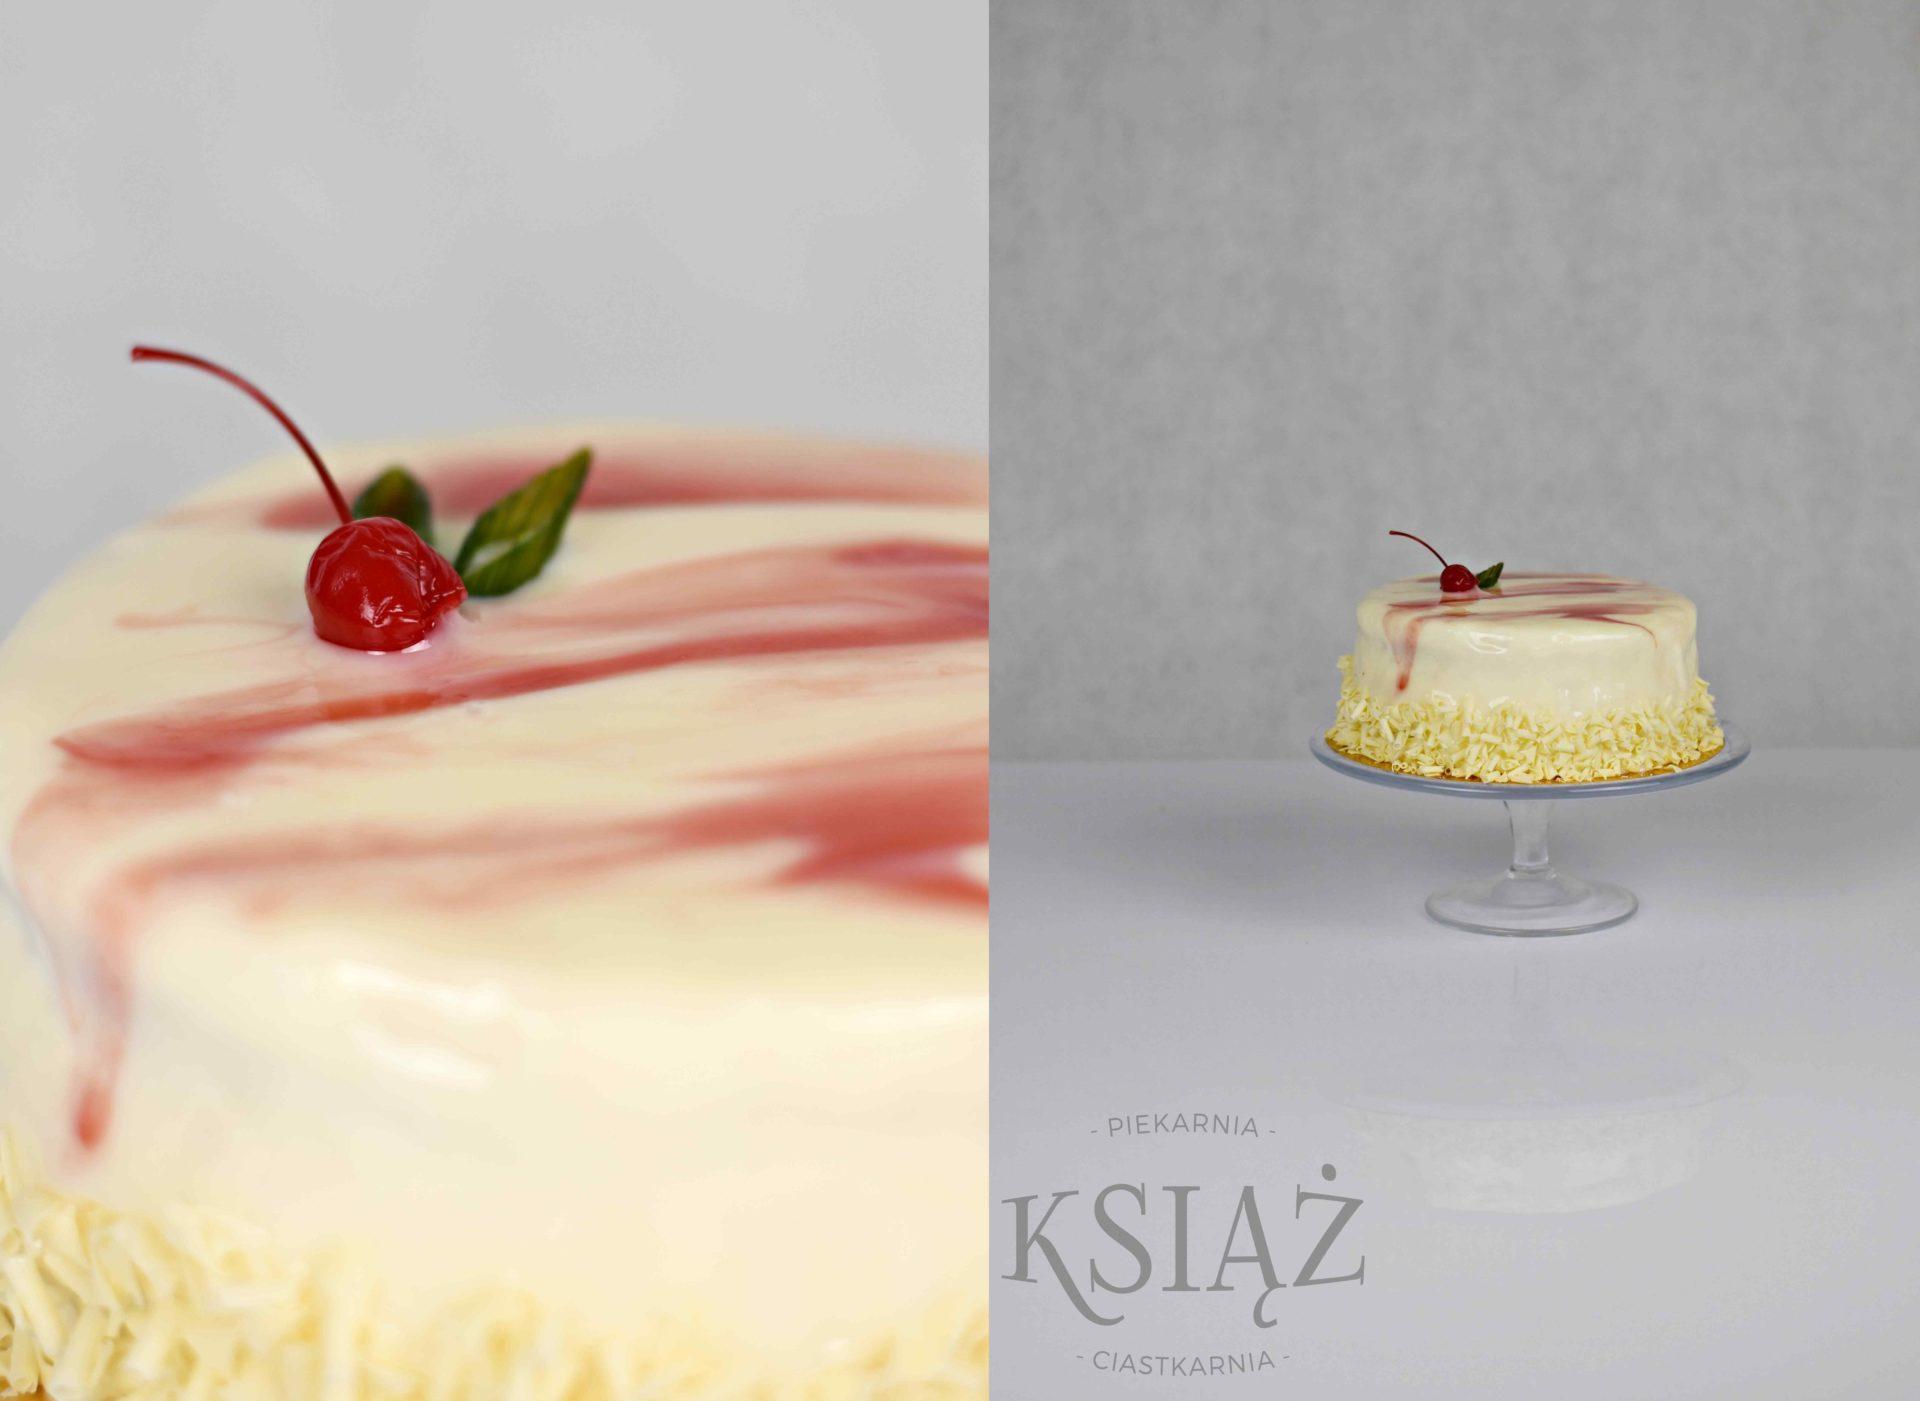 Tort jogurtowo-wiśniowy T009 - jasny biszkopt jogurtowy, przełożony śmietana jogurtową z dodatkiem wiśni